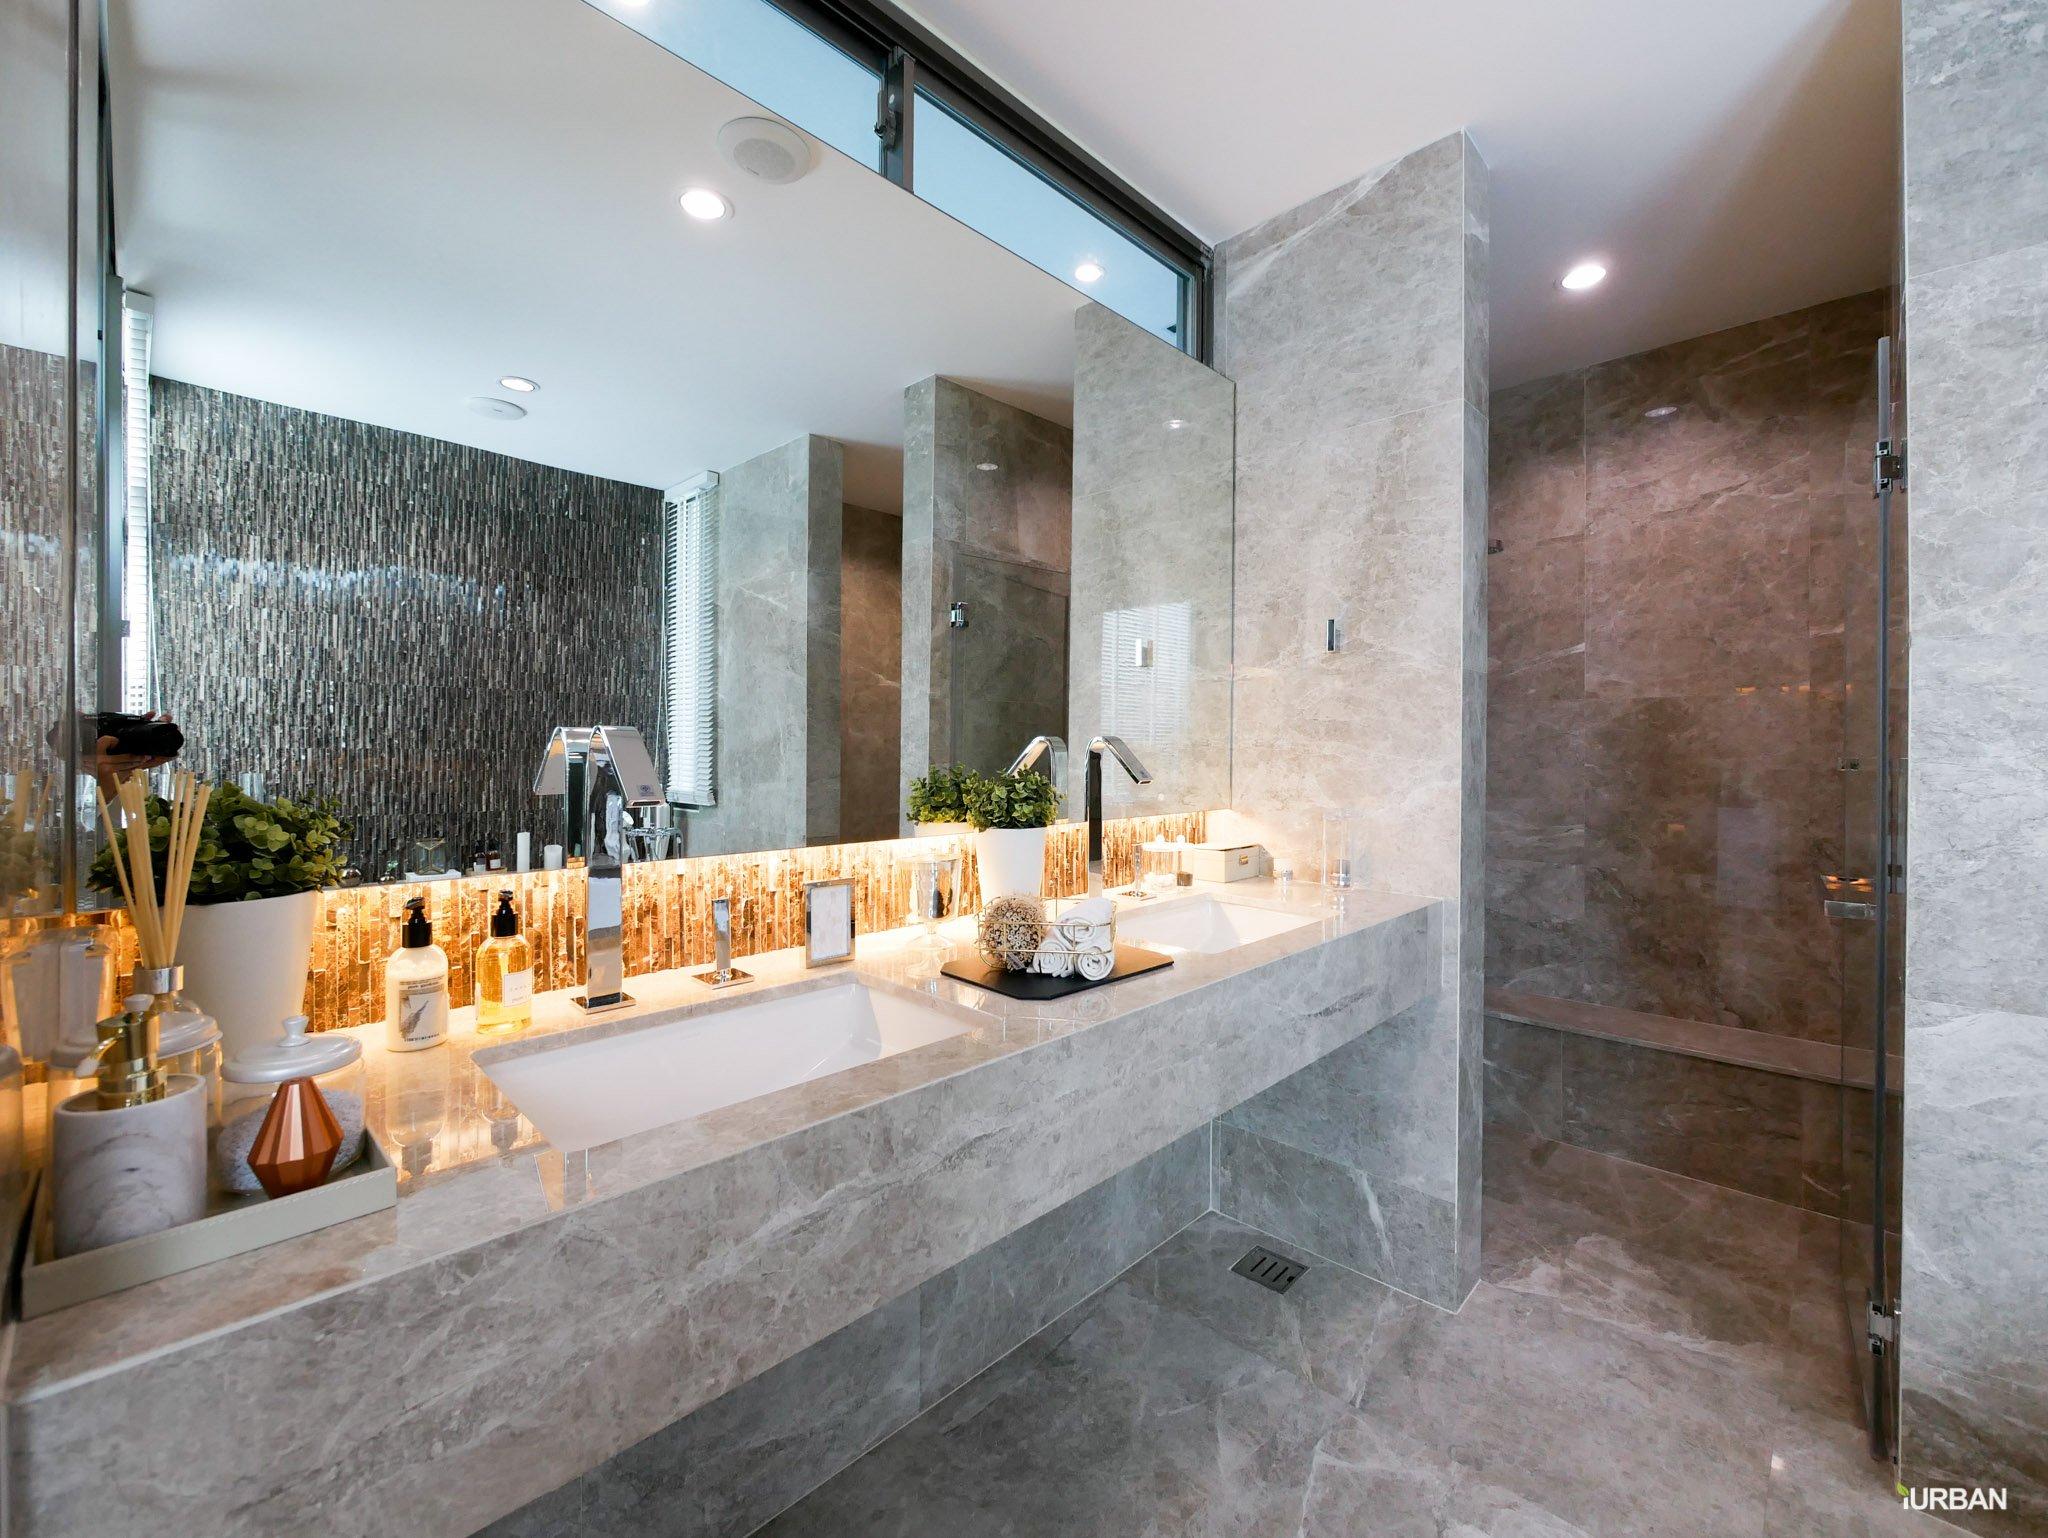 รีวิว Nirvana Beyond พระราม 2 บ้านที่ออกแบบทุกดีเทลเพื่อความสุขทุก GEN ของครอบครัวใหญ่ 129 - Beyond